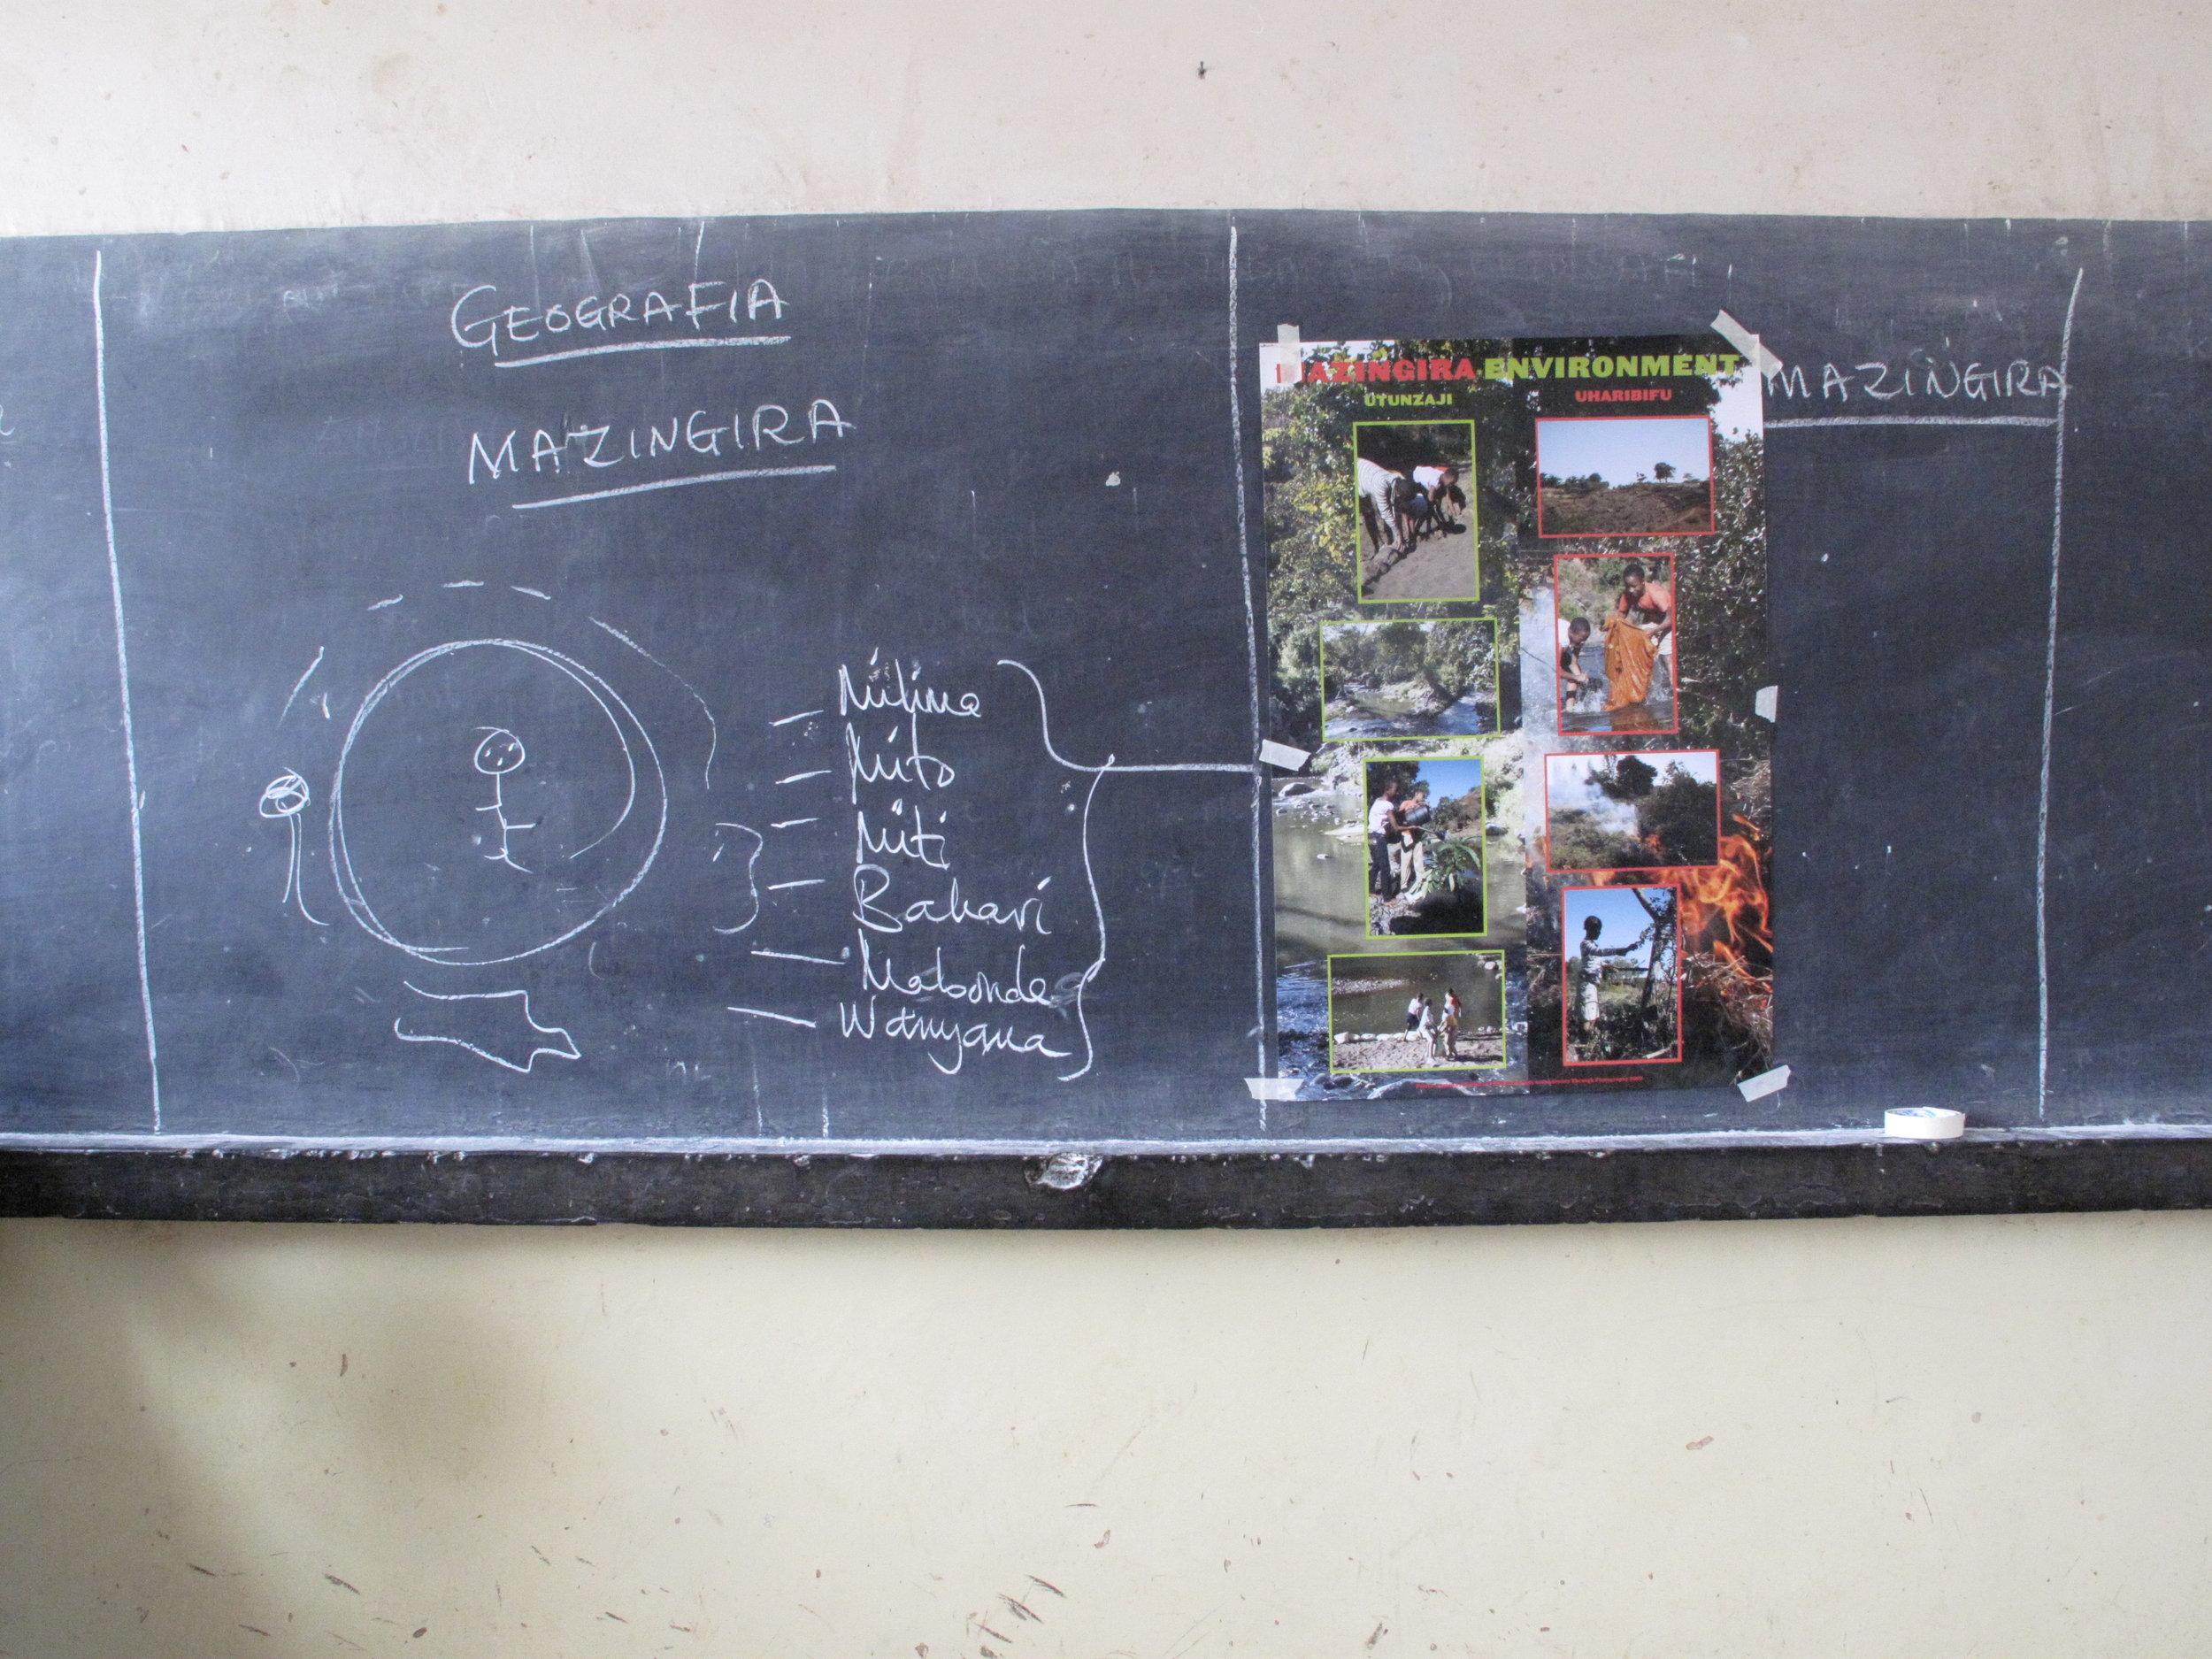 4_Ewald_Geography Lesson Dar Es Salaam.JPG